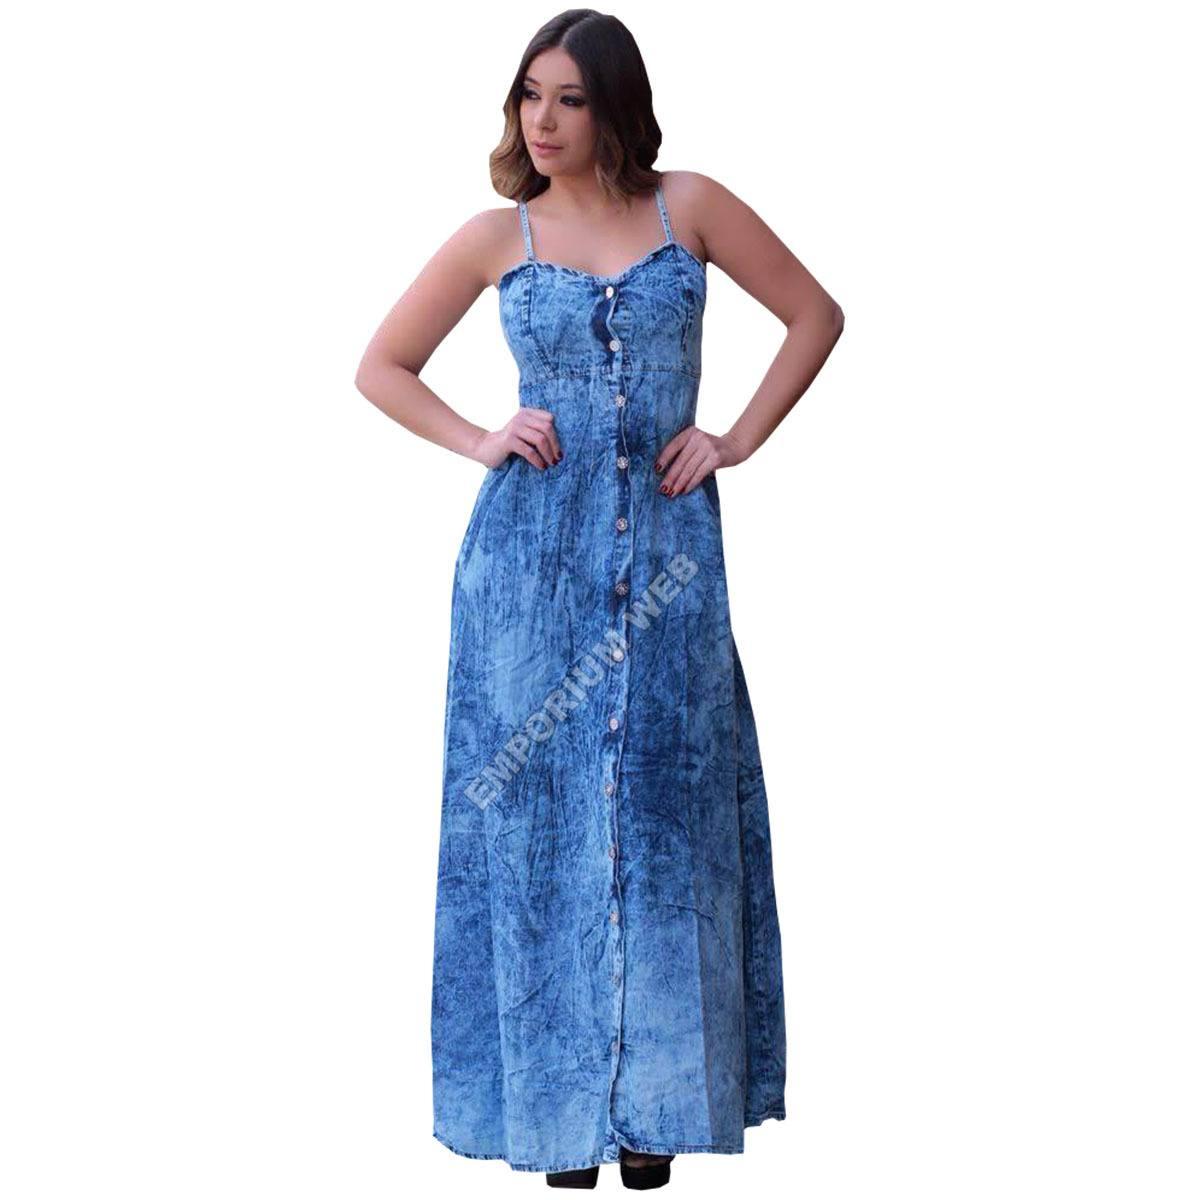 Vestido jeans longo de alça e botões frontal azul claro